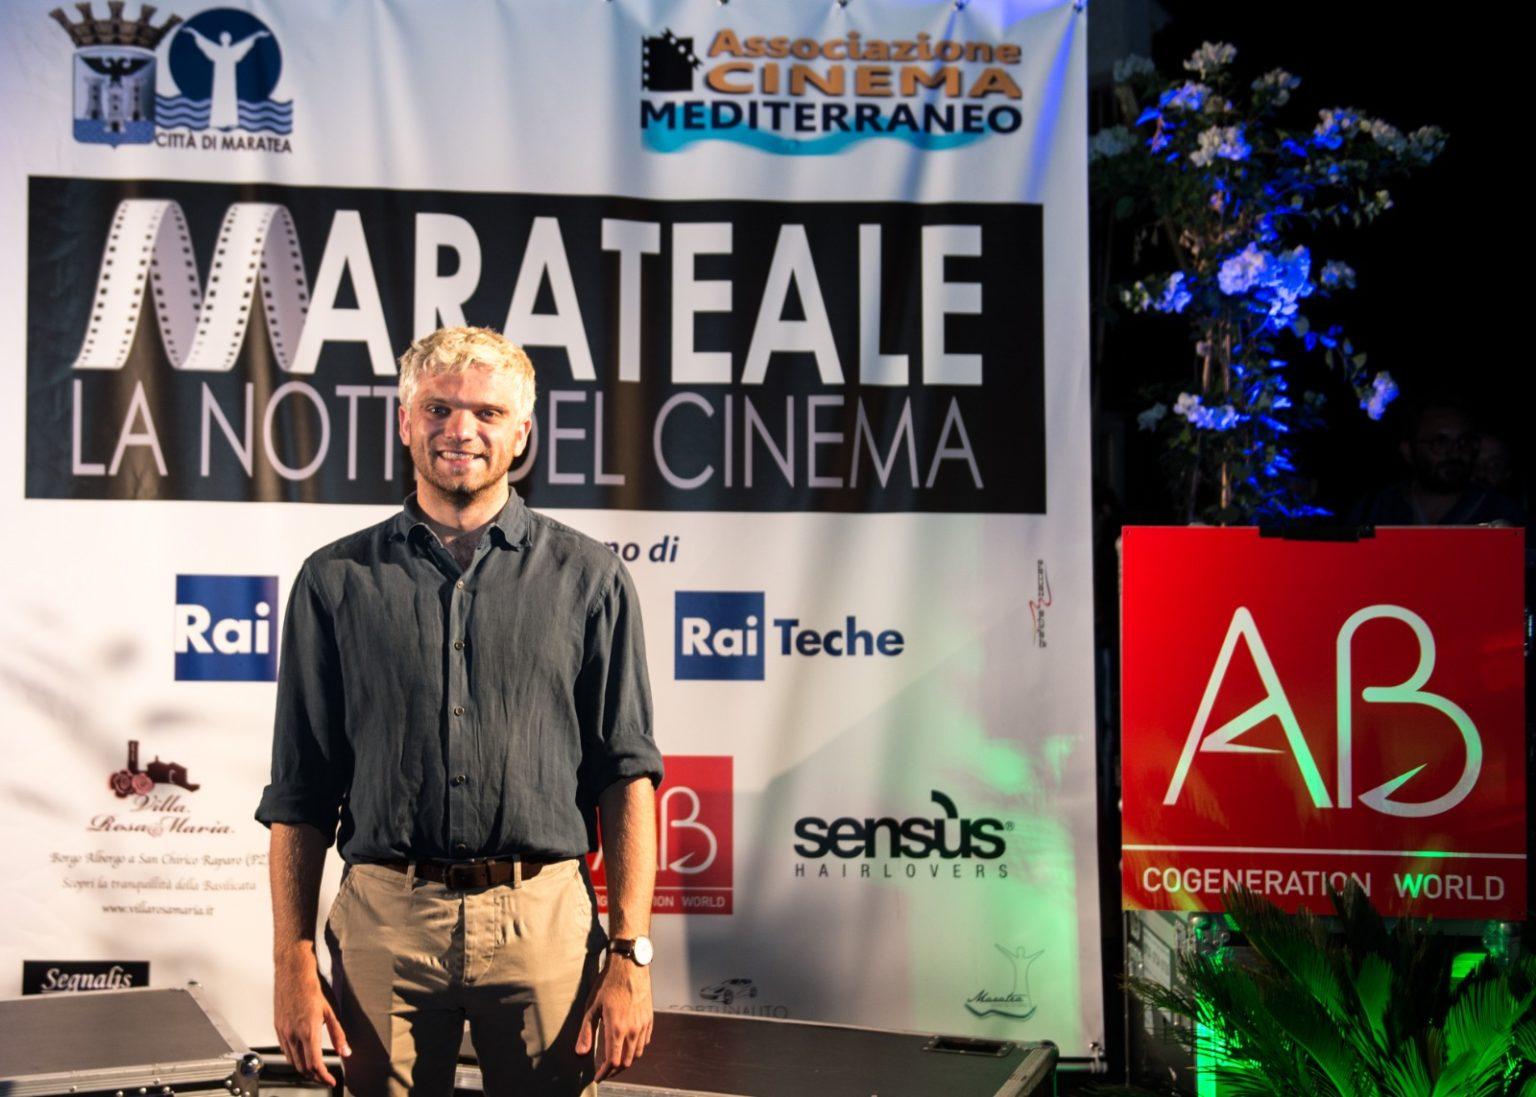 marateale-WA0033